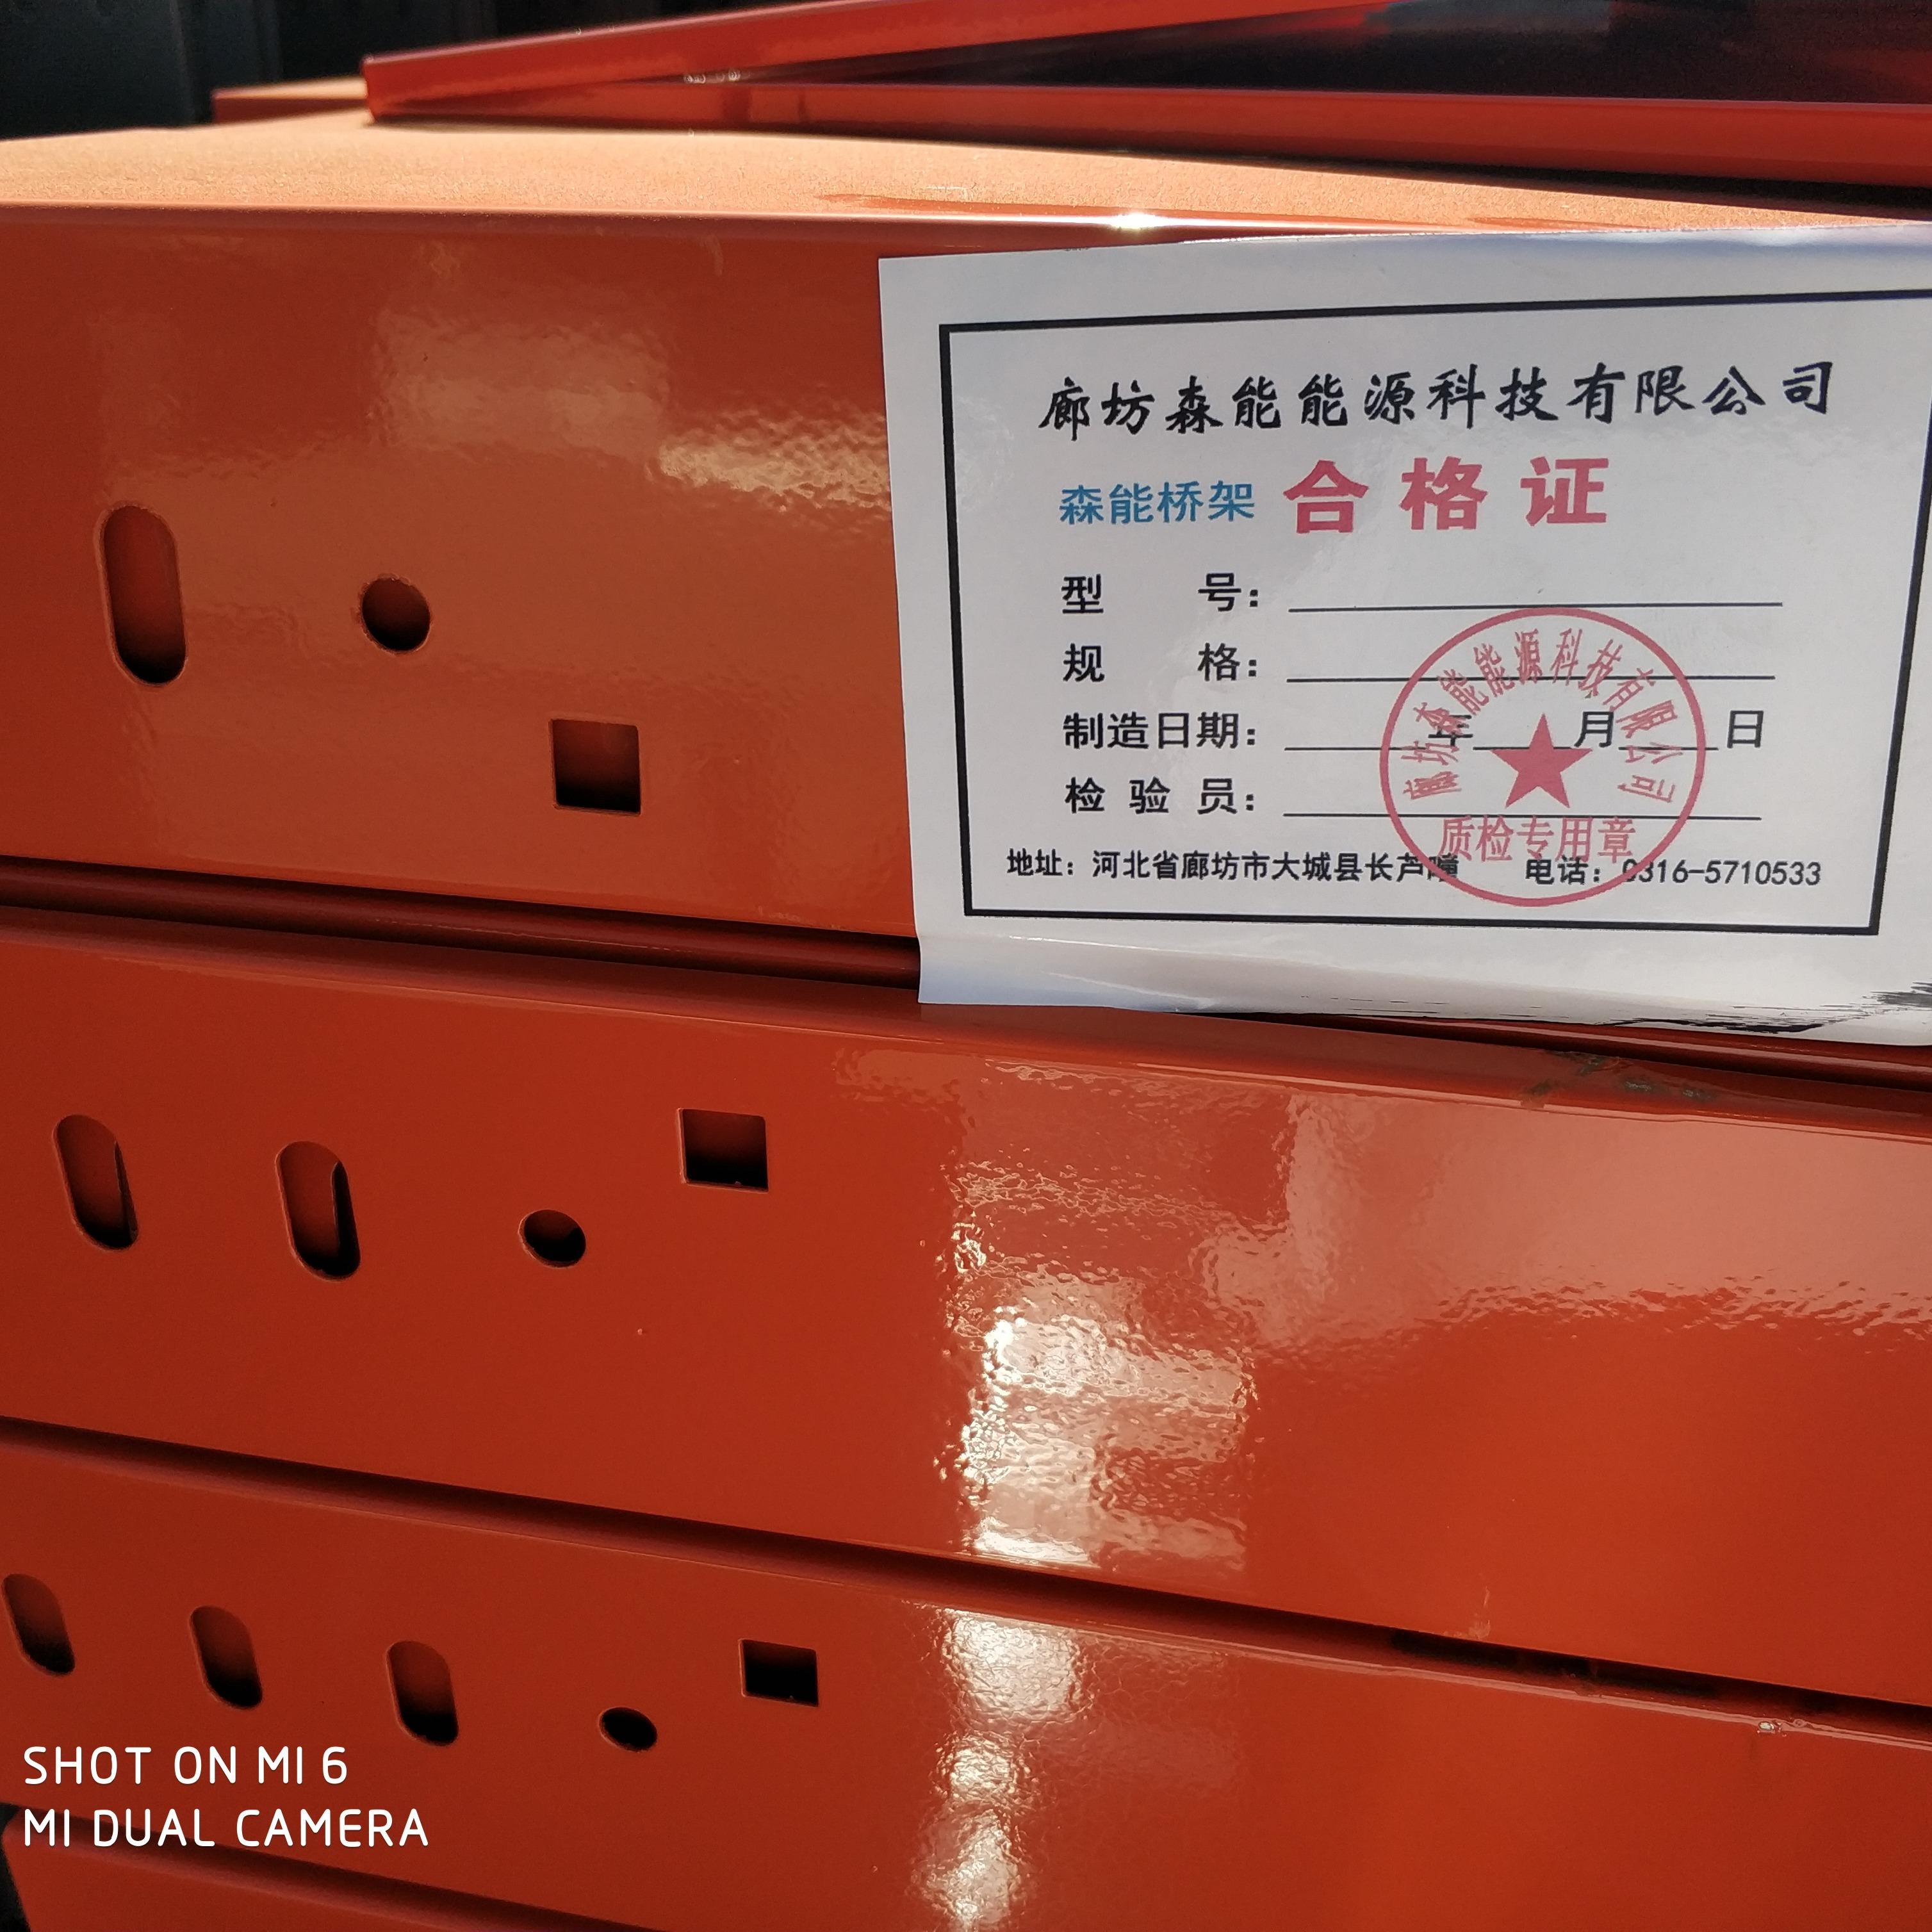 北京电缆桥架首选森能,防火桥架,防火电缆桥架,防火槽式桥架,质量保证,桥架首选品牌!